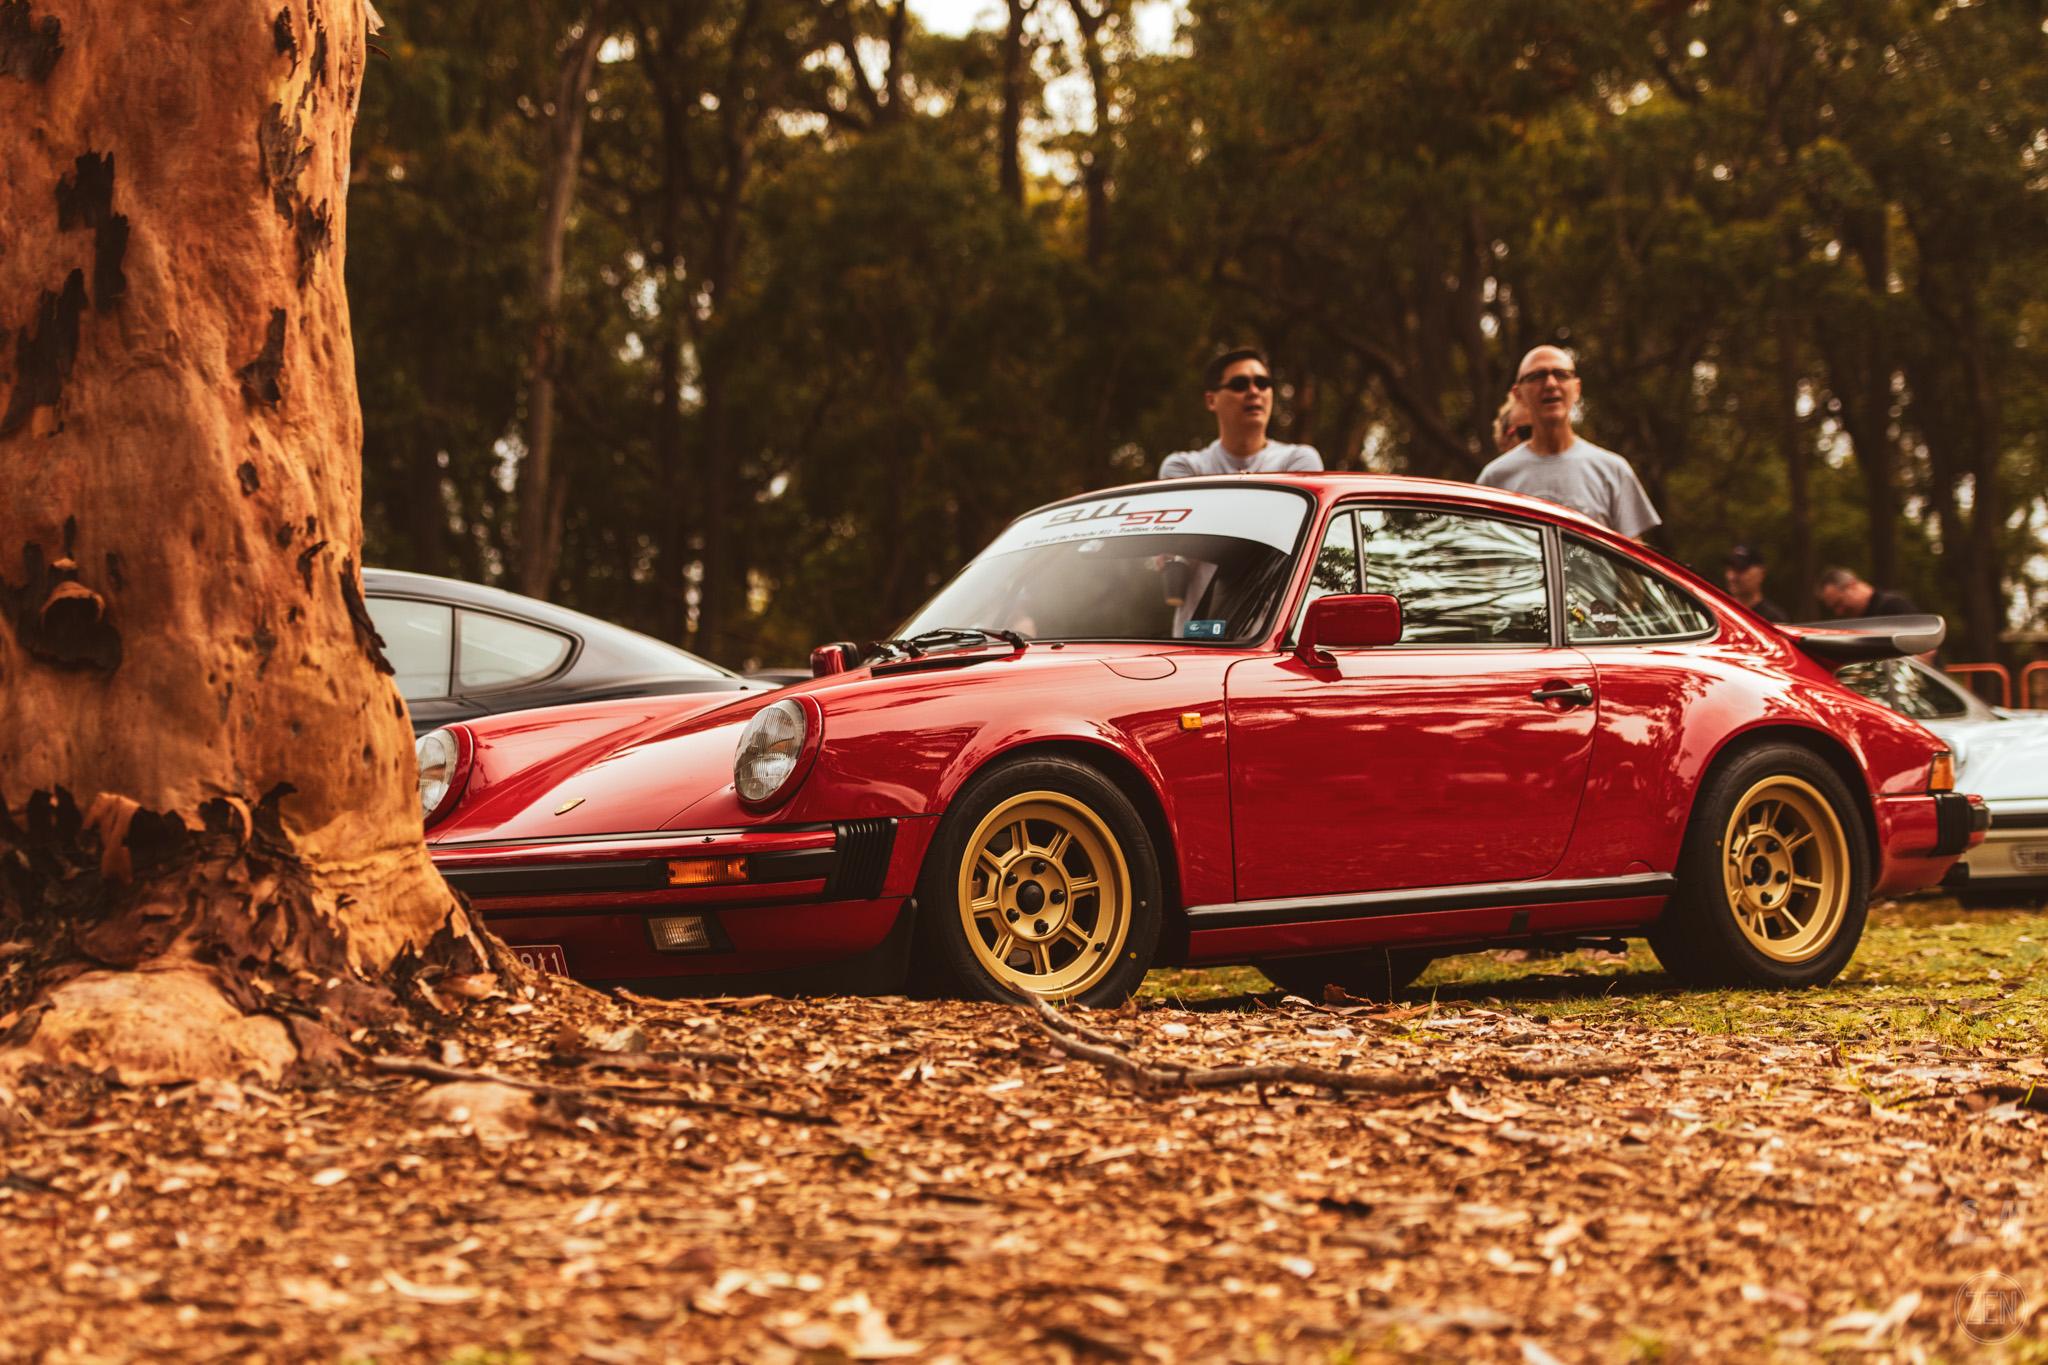 2019-12-08 - Porsches & Coffee 074